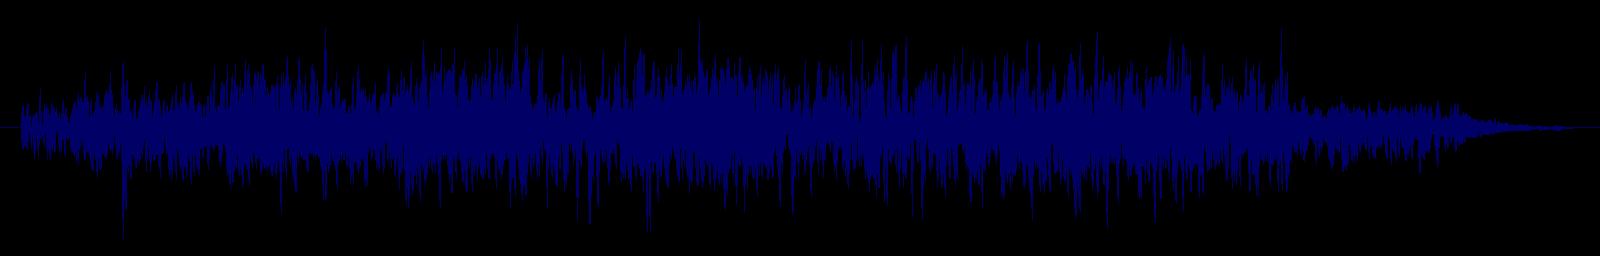 waveform of track #143600